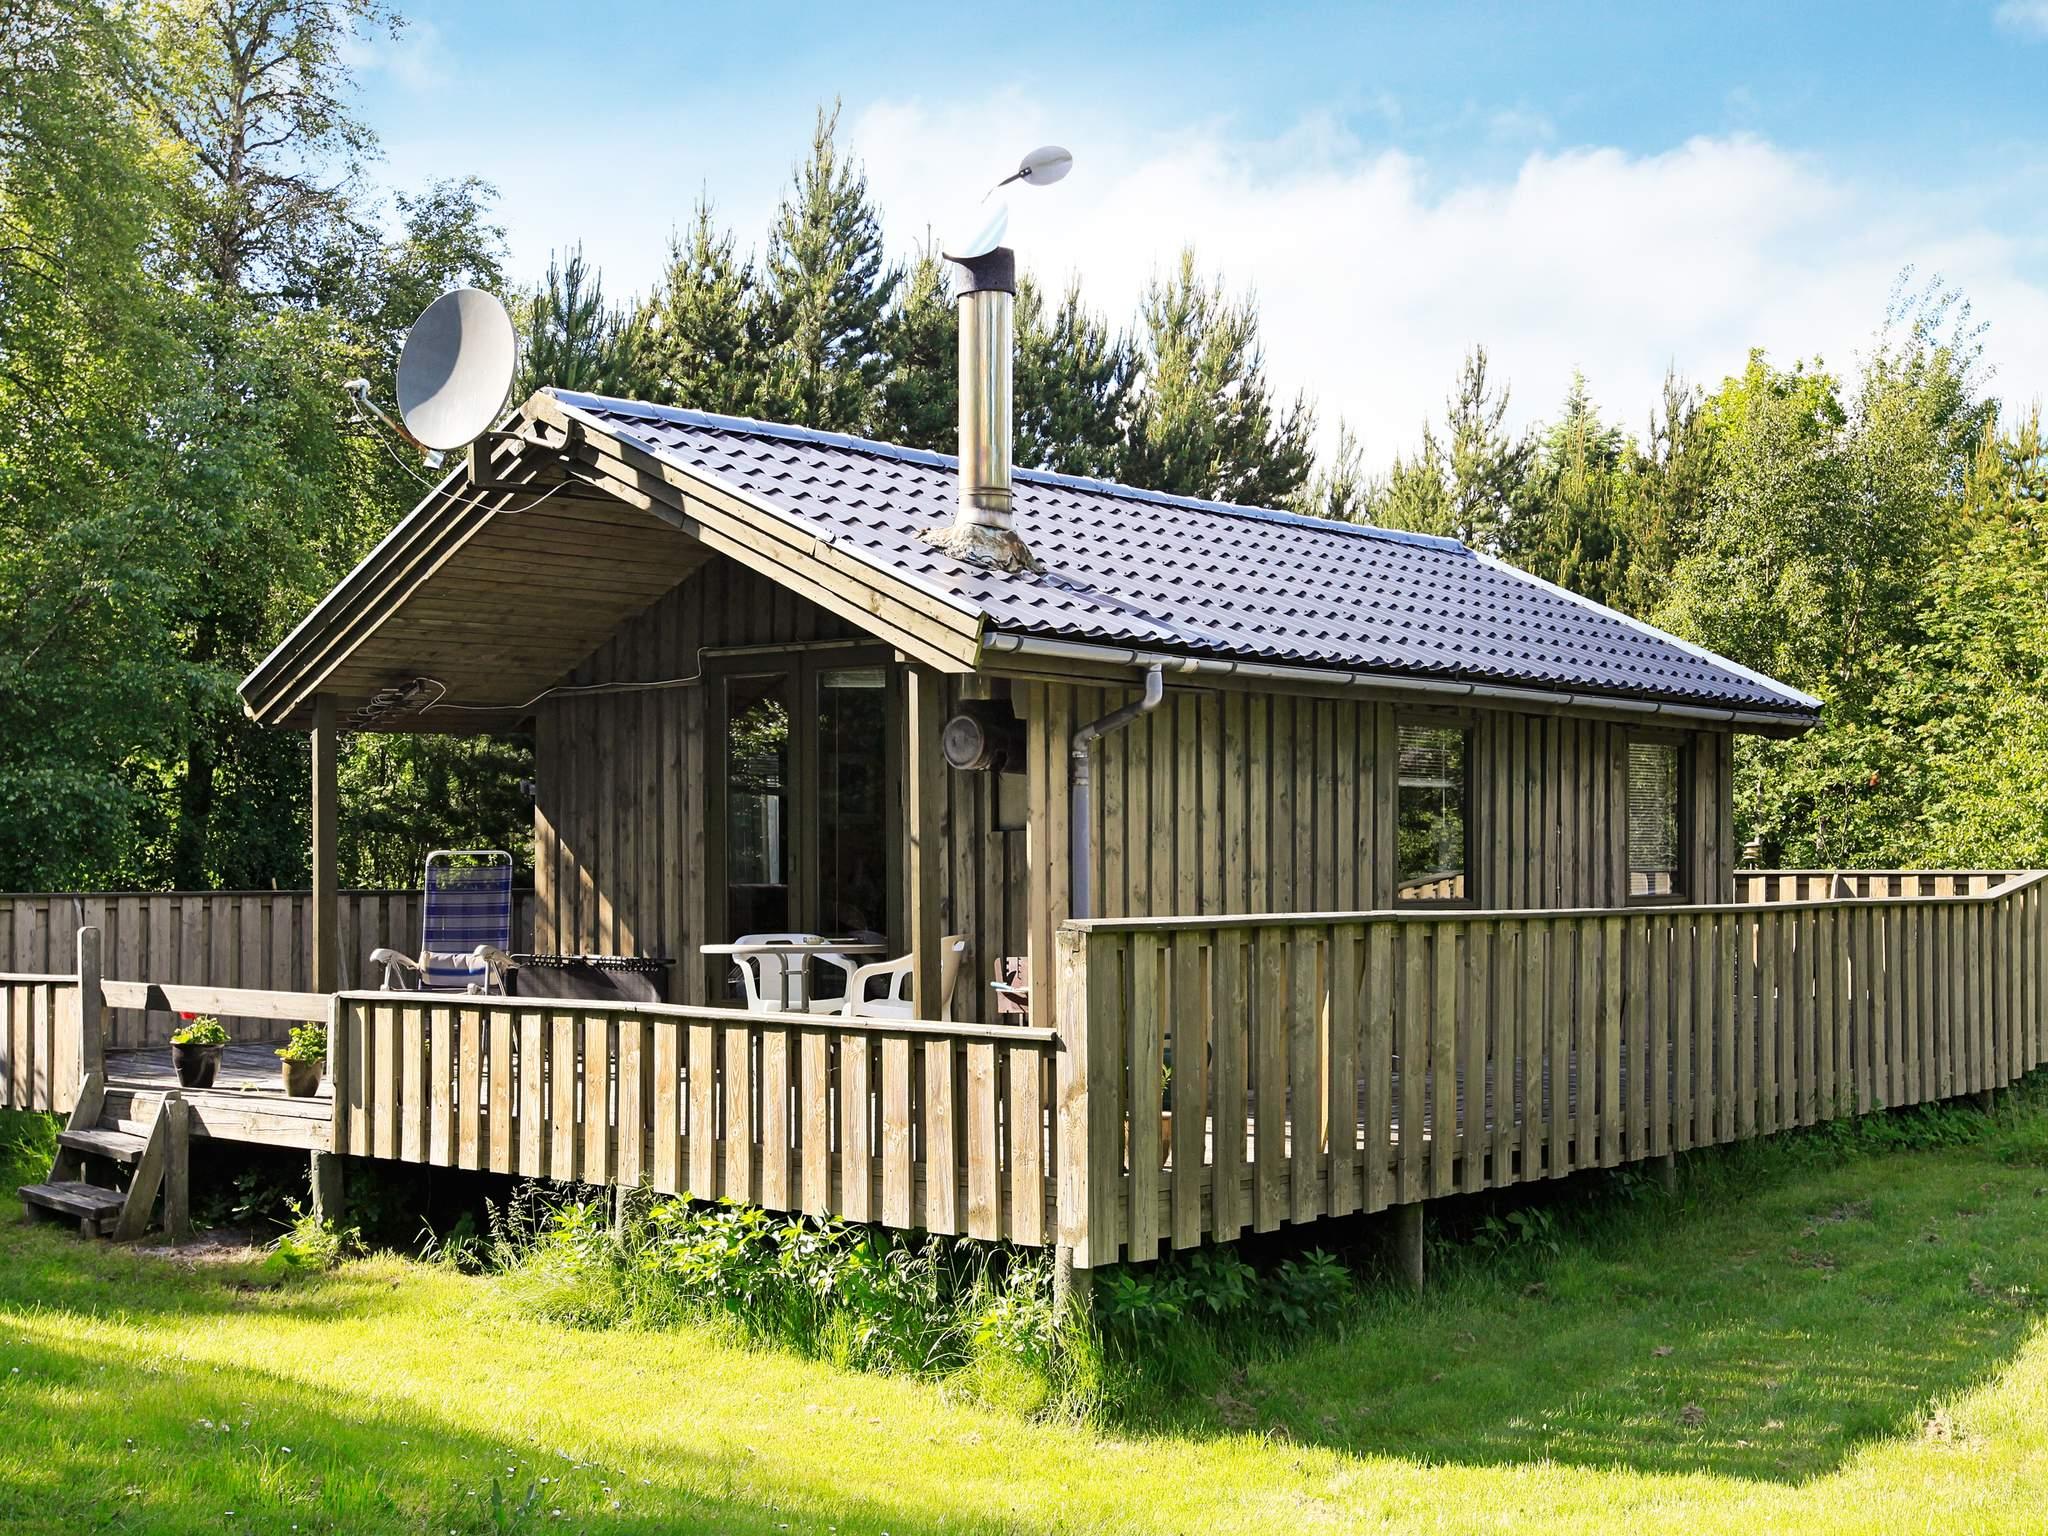 Ferienhaus Hou/Lagunen (84779), Hou, , Nordostjütland, Dänemark, Bild 1